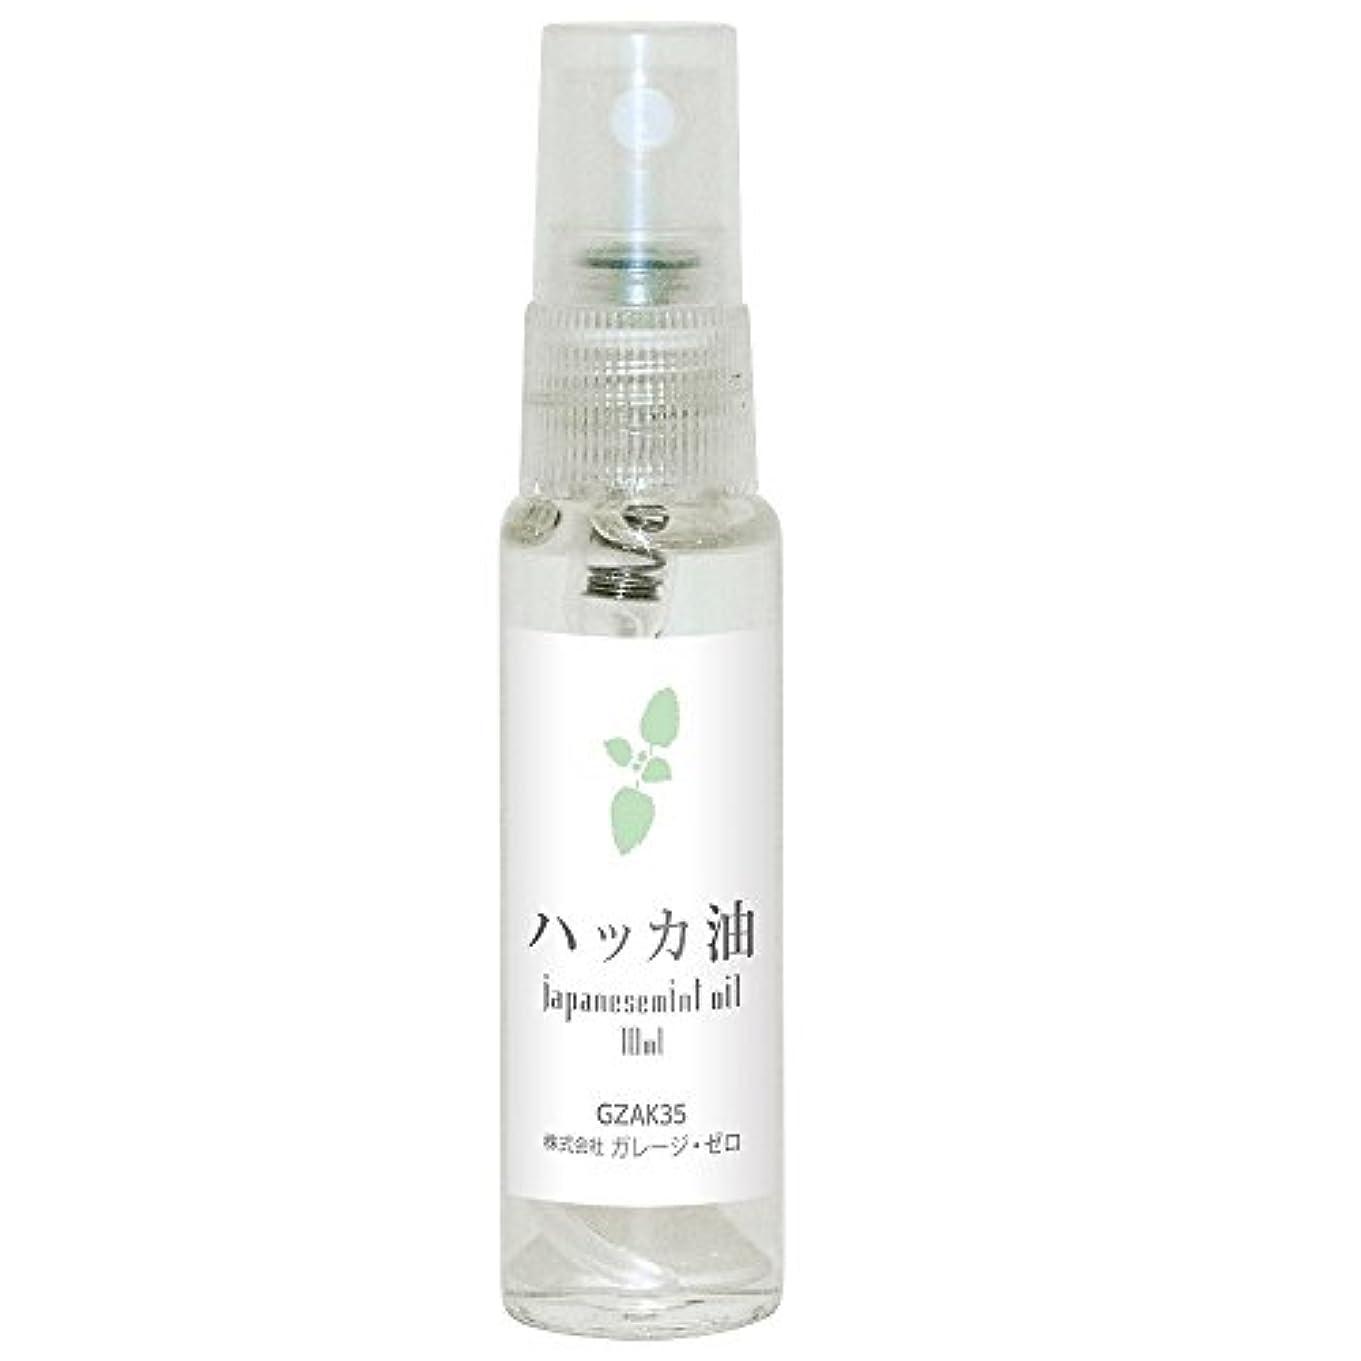 インデックス徹底的に野菜ガレージゼロ ハッカ油 透明スプレー瓶入10ml GZAK35